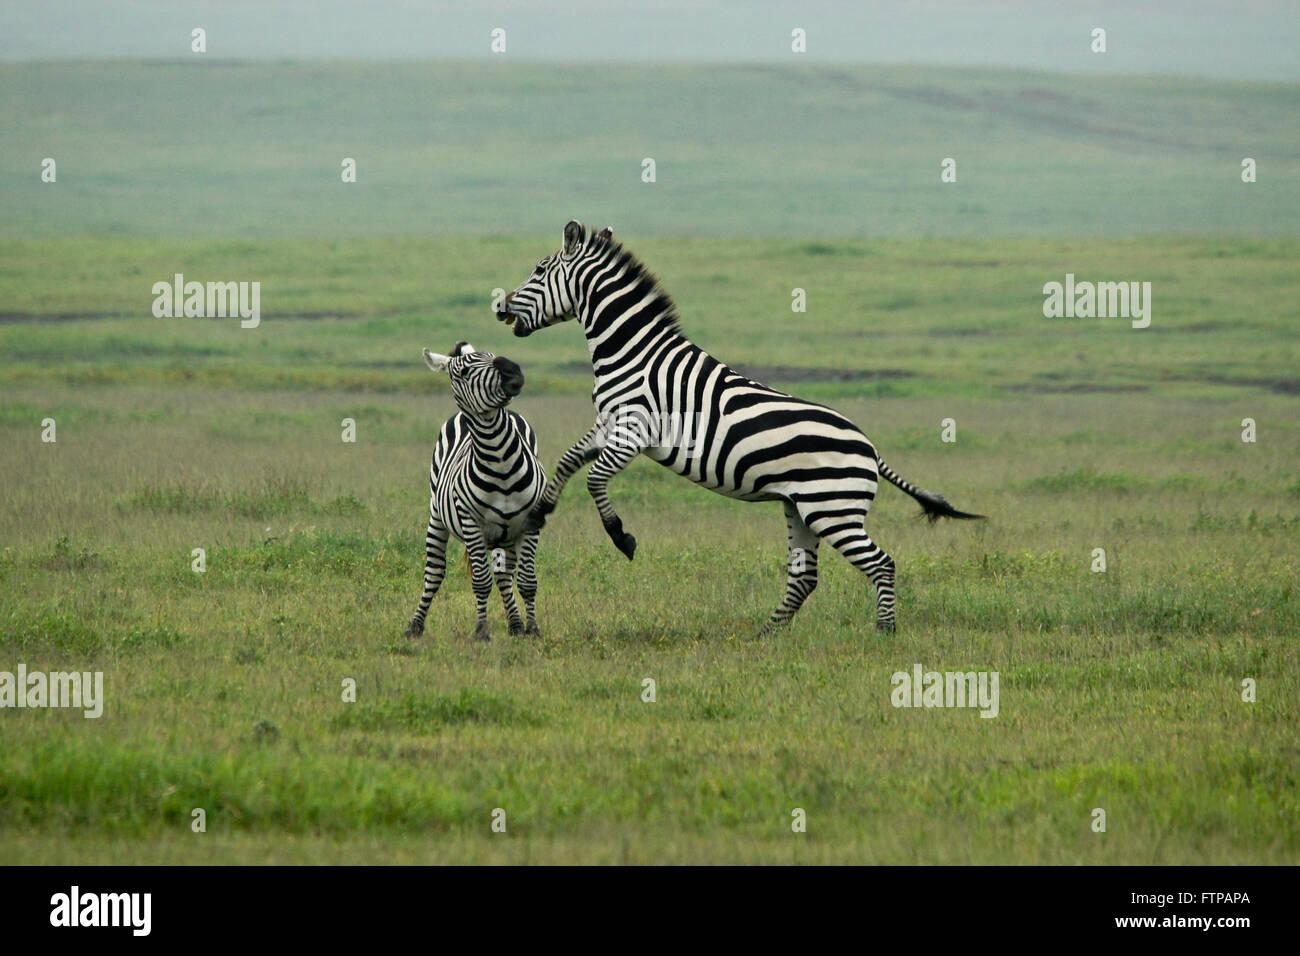 Burchell (commun, plaines) zebra etalons combats, le cratère du Ngorongoro, en Tanzanie Photo Stock